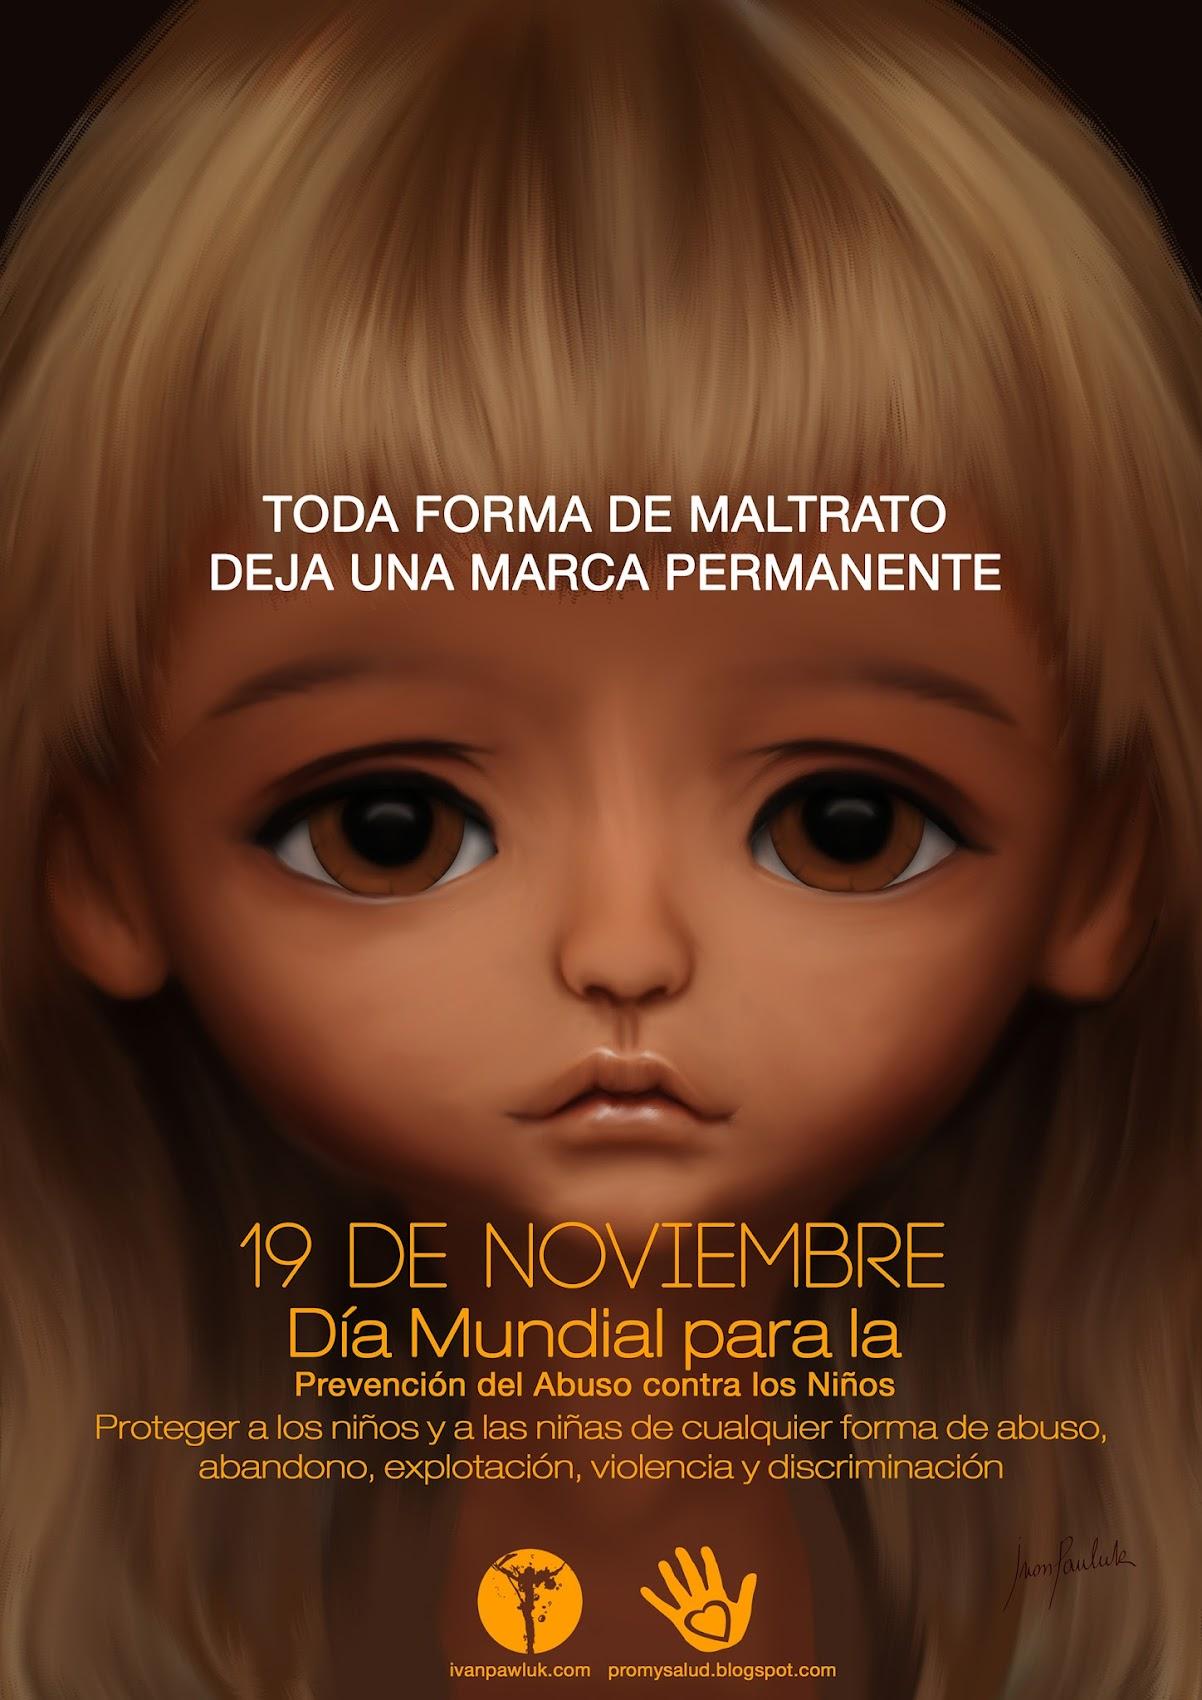 http://3.bp.blogspot.com/-gJl5k0fG1No/UotygsRP2EI/AAAAAAAABIk/qxfyvXd8D-A/s1700/19+de+Noviembre+como+el+D%C3%ADa+Mundial+para+la+Prevenci%C3%B3n+del+Abuso+contra+los+Ni%C3%B1os.jpg